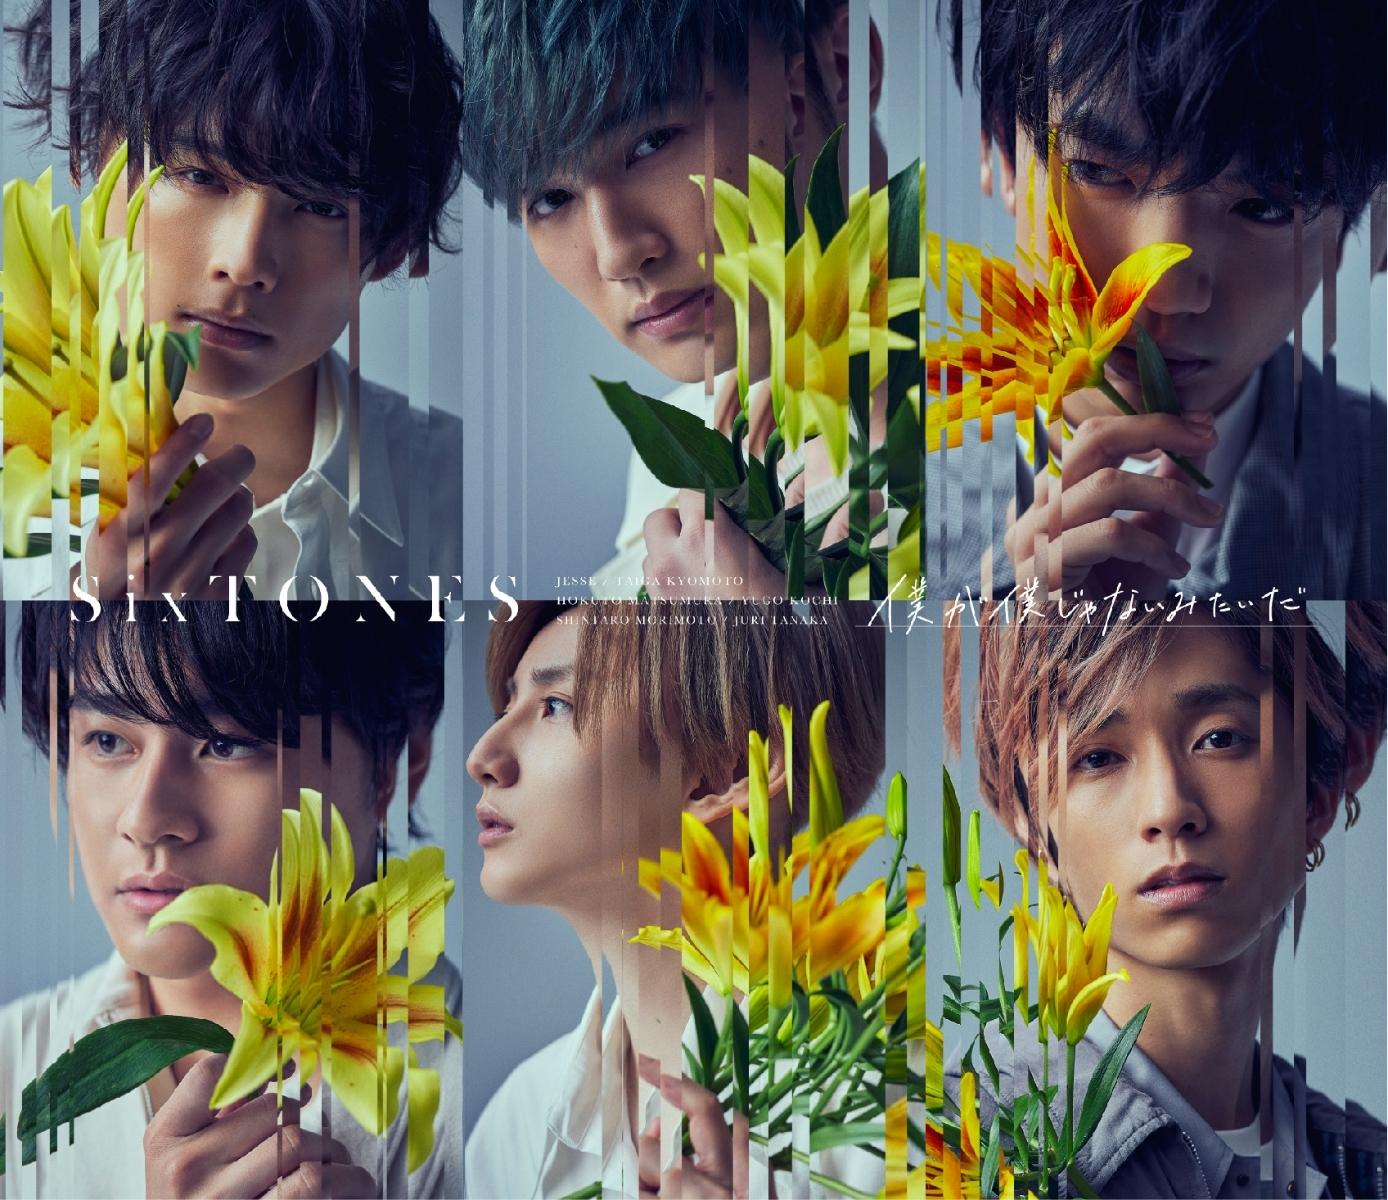 SixTONES (ストーンズ) 4thシングル『僕が僕じゃないみたいだ』(初回盤A) 高画質CDジャケット画像 (ジャケ写)